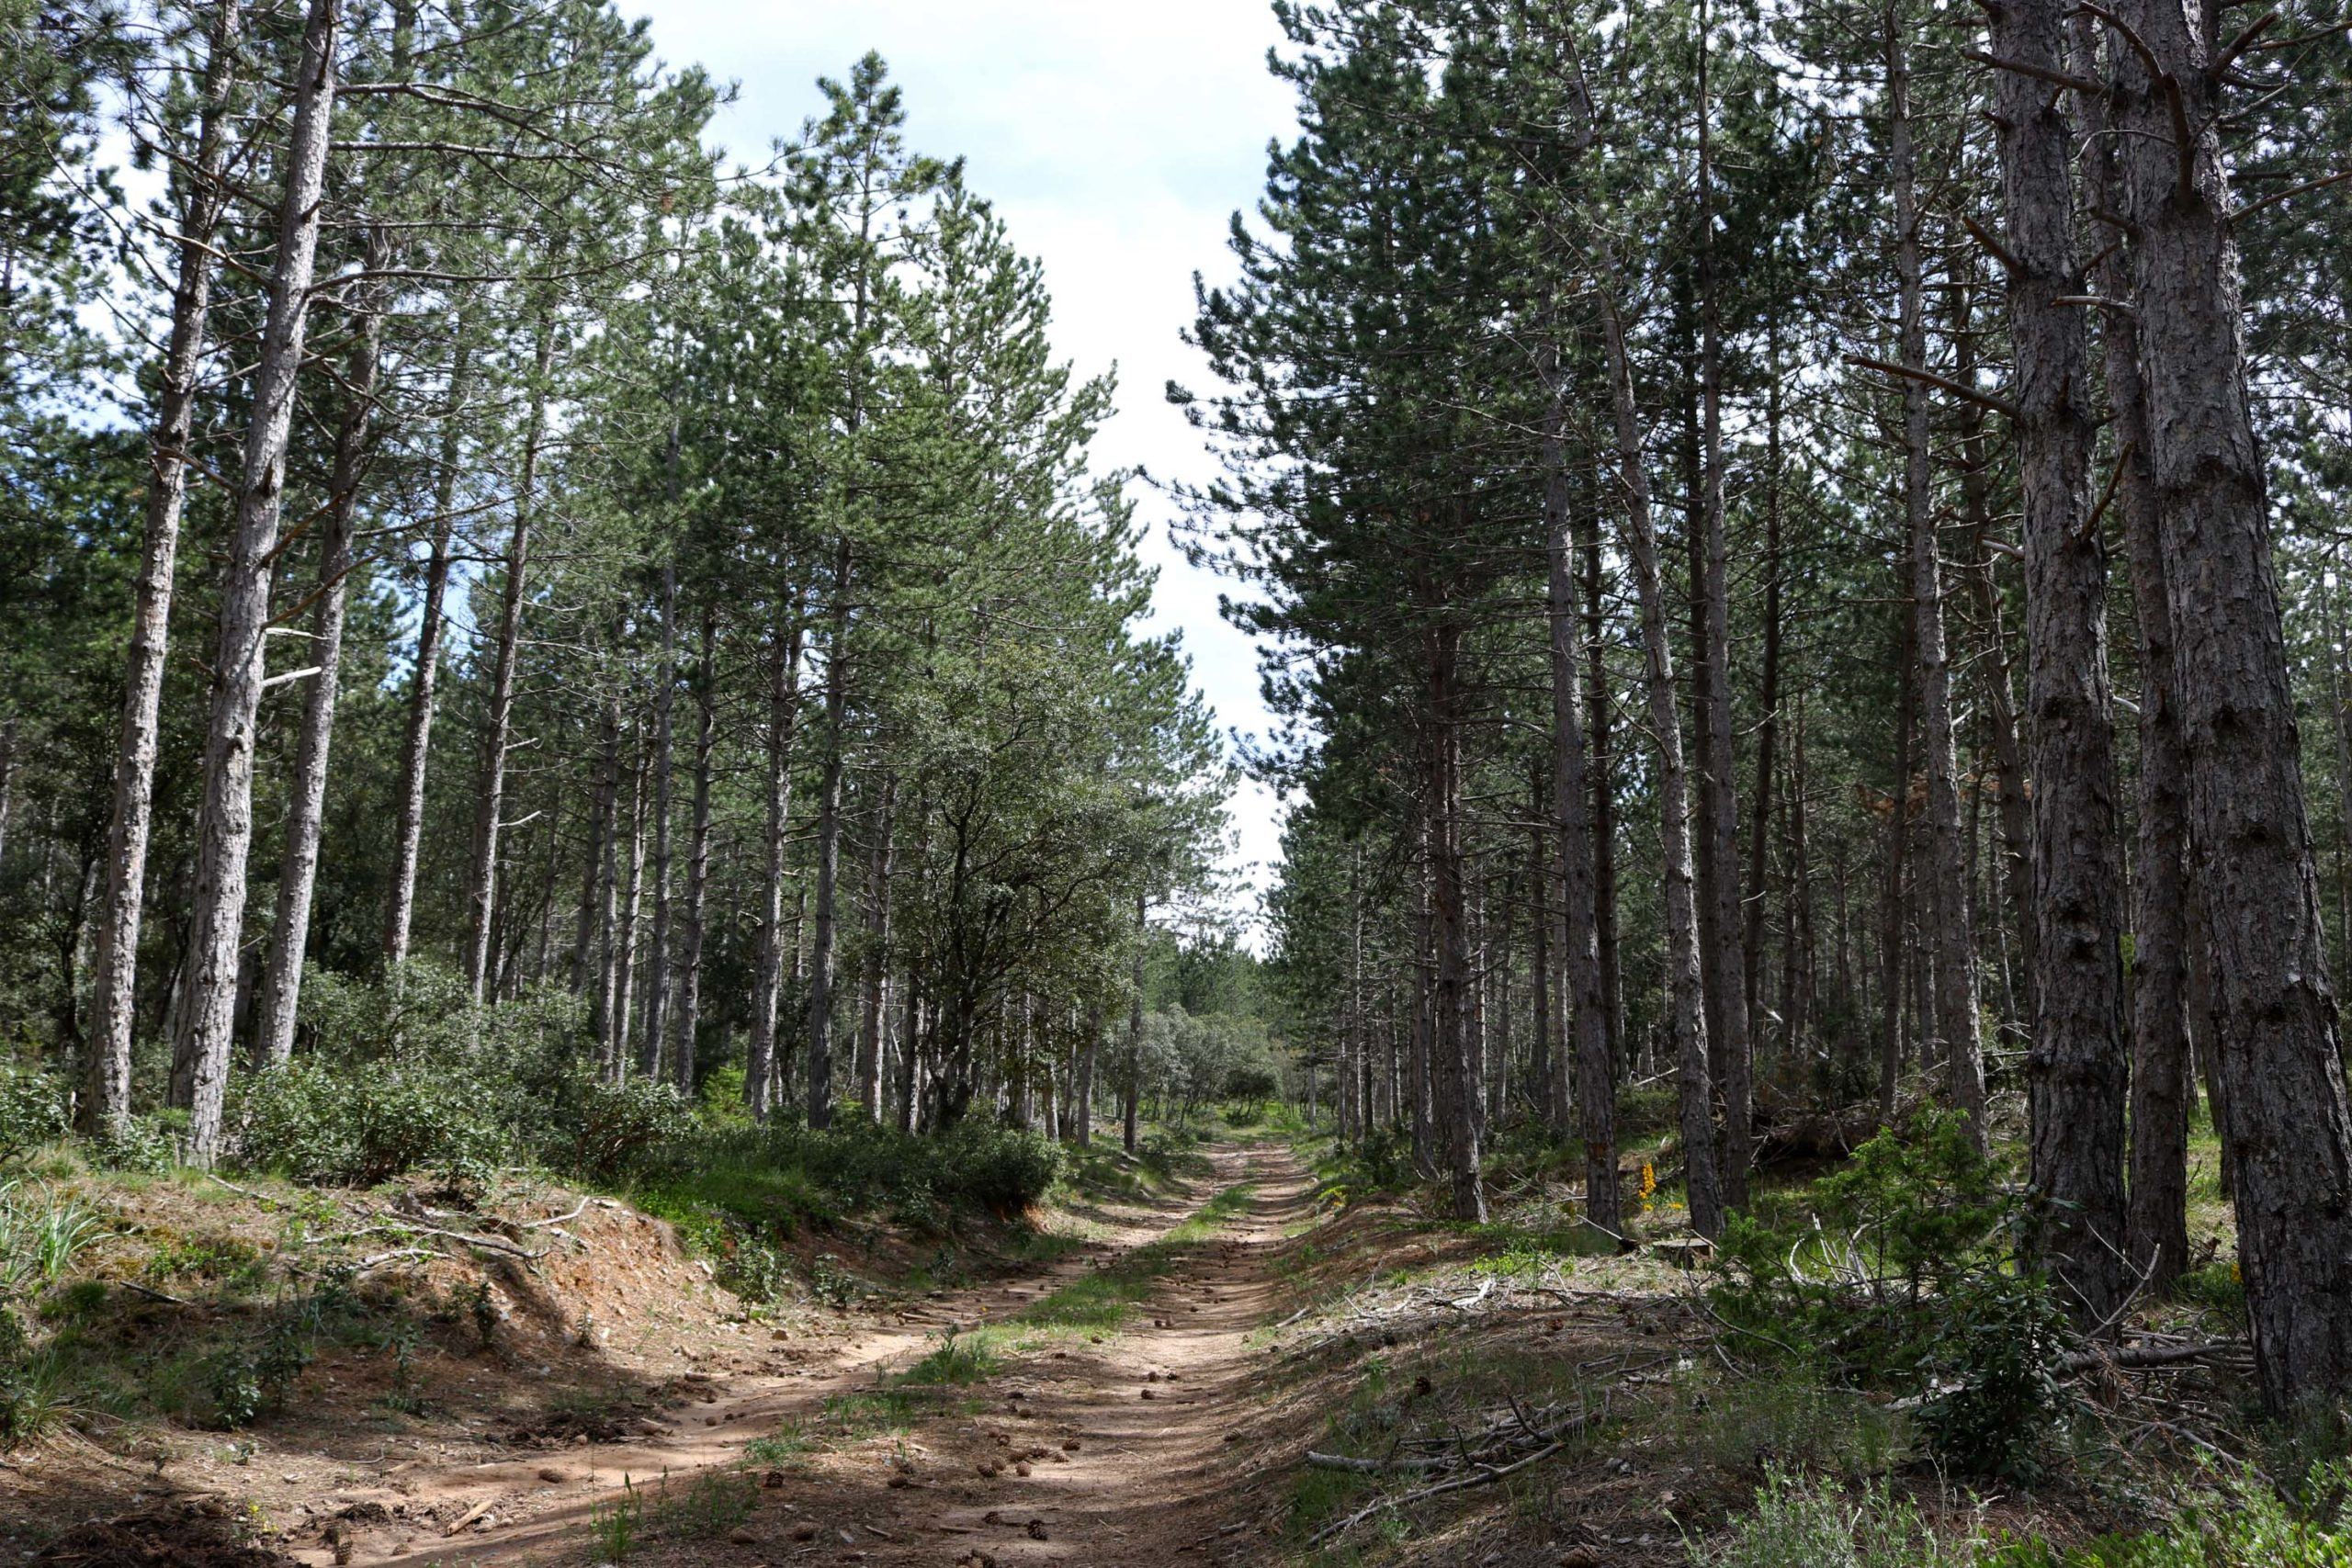 Simulando el daño que causará el cambio climático en los bosques